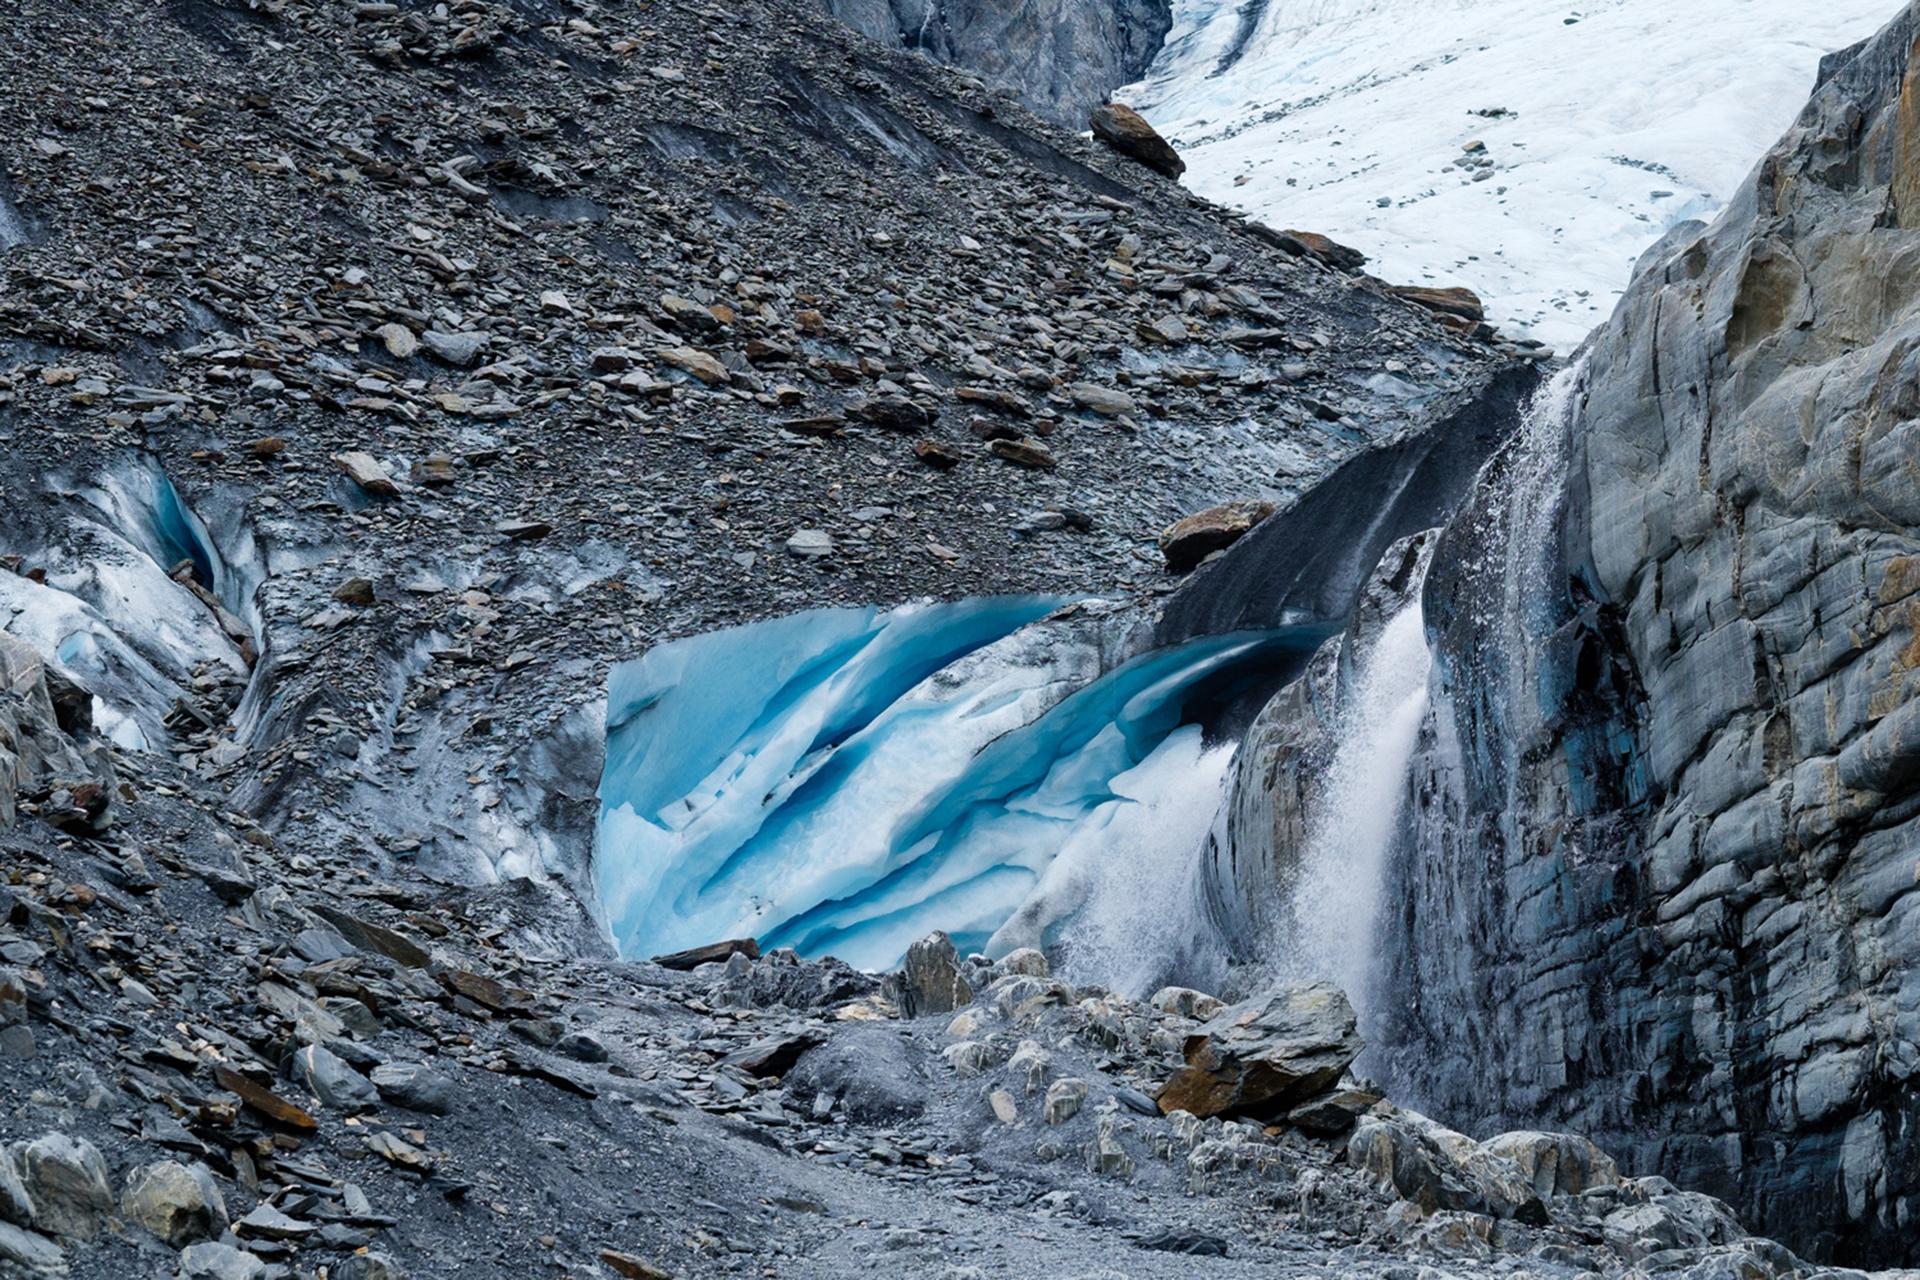 Hielo expuesto del Glaciar Worthington